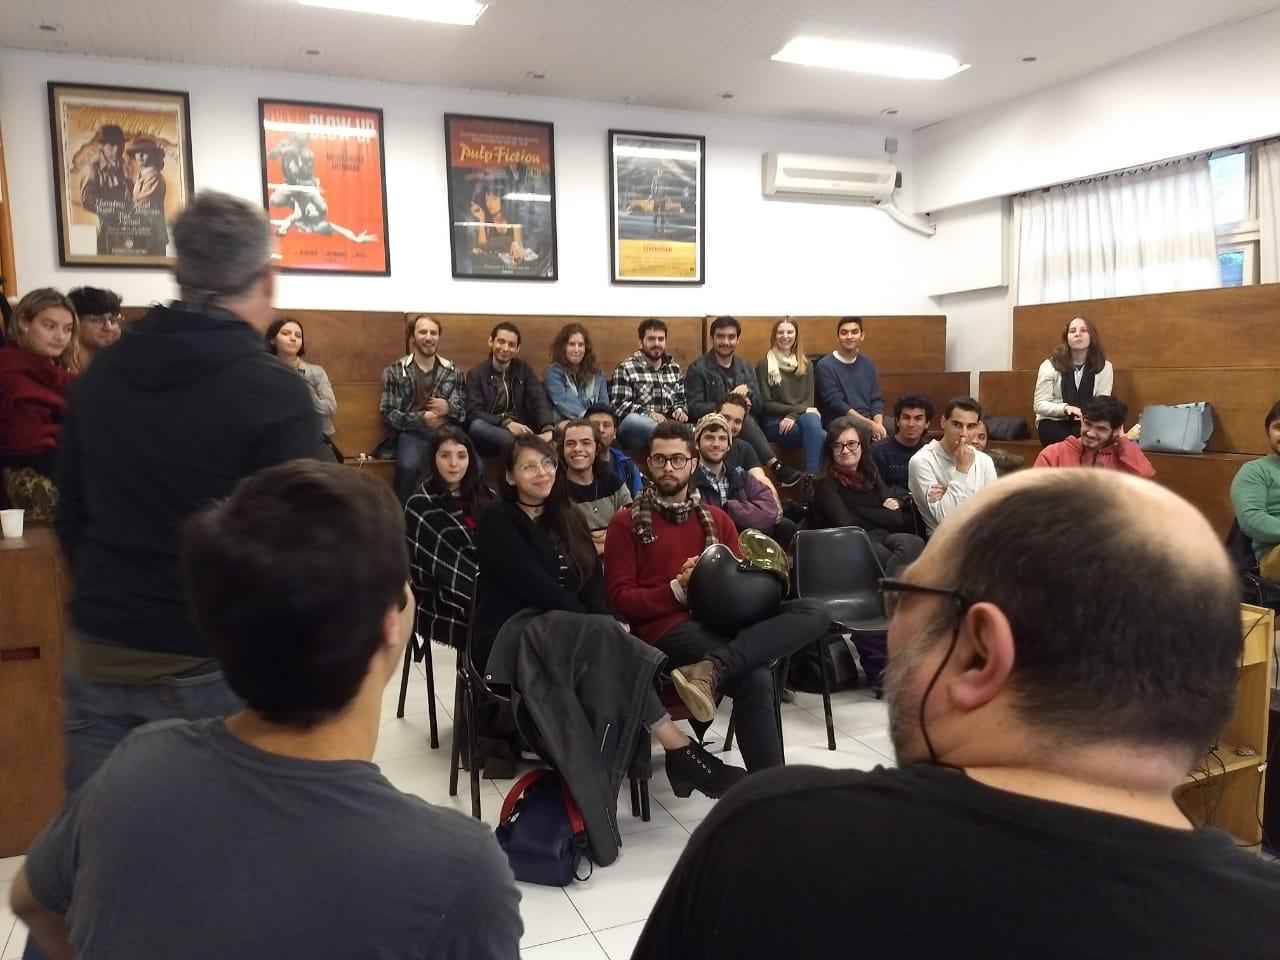 Egresados presentan sus películas en la escuela